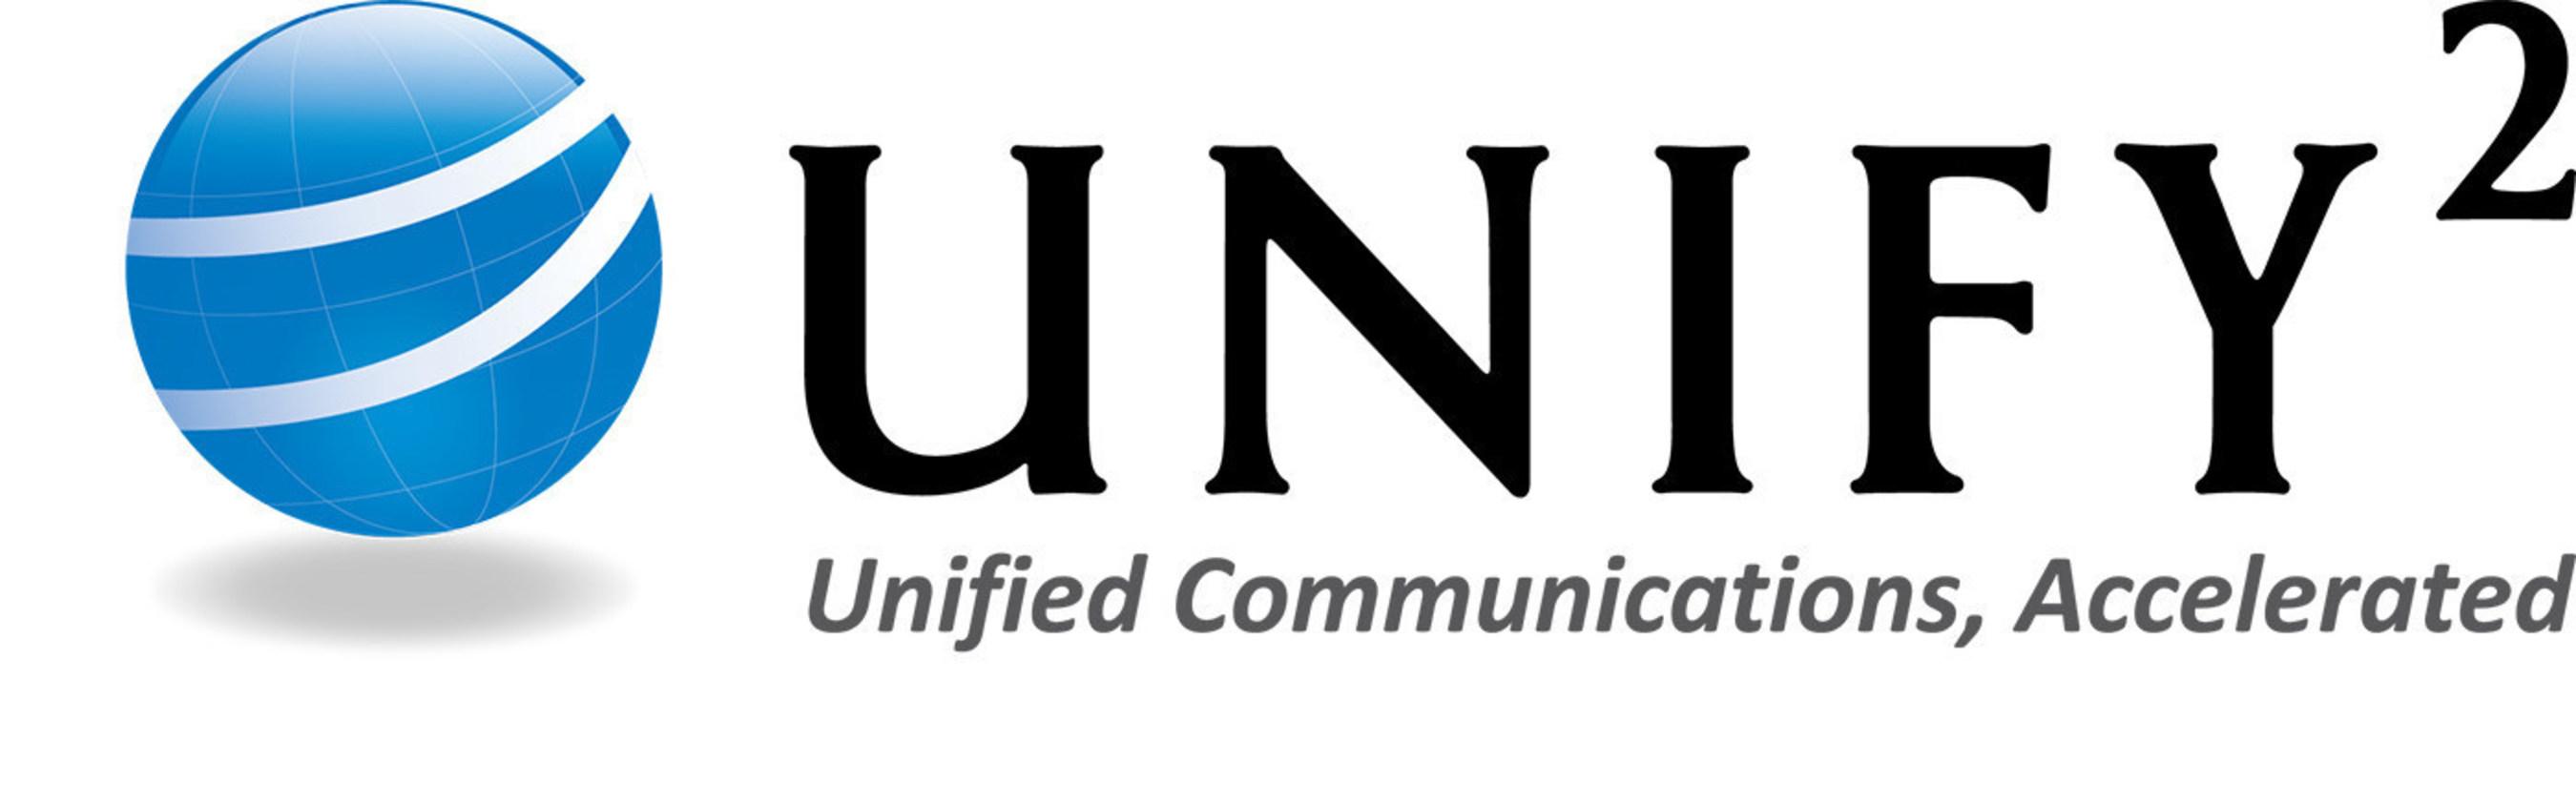 Unify Square (PRNewsFoto/Unify Square)